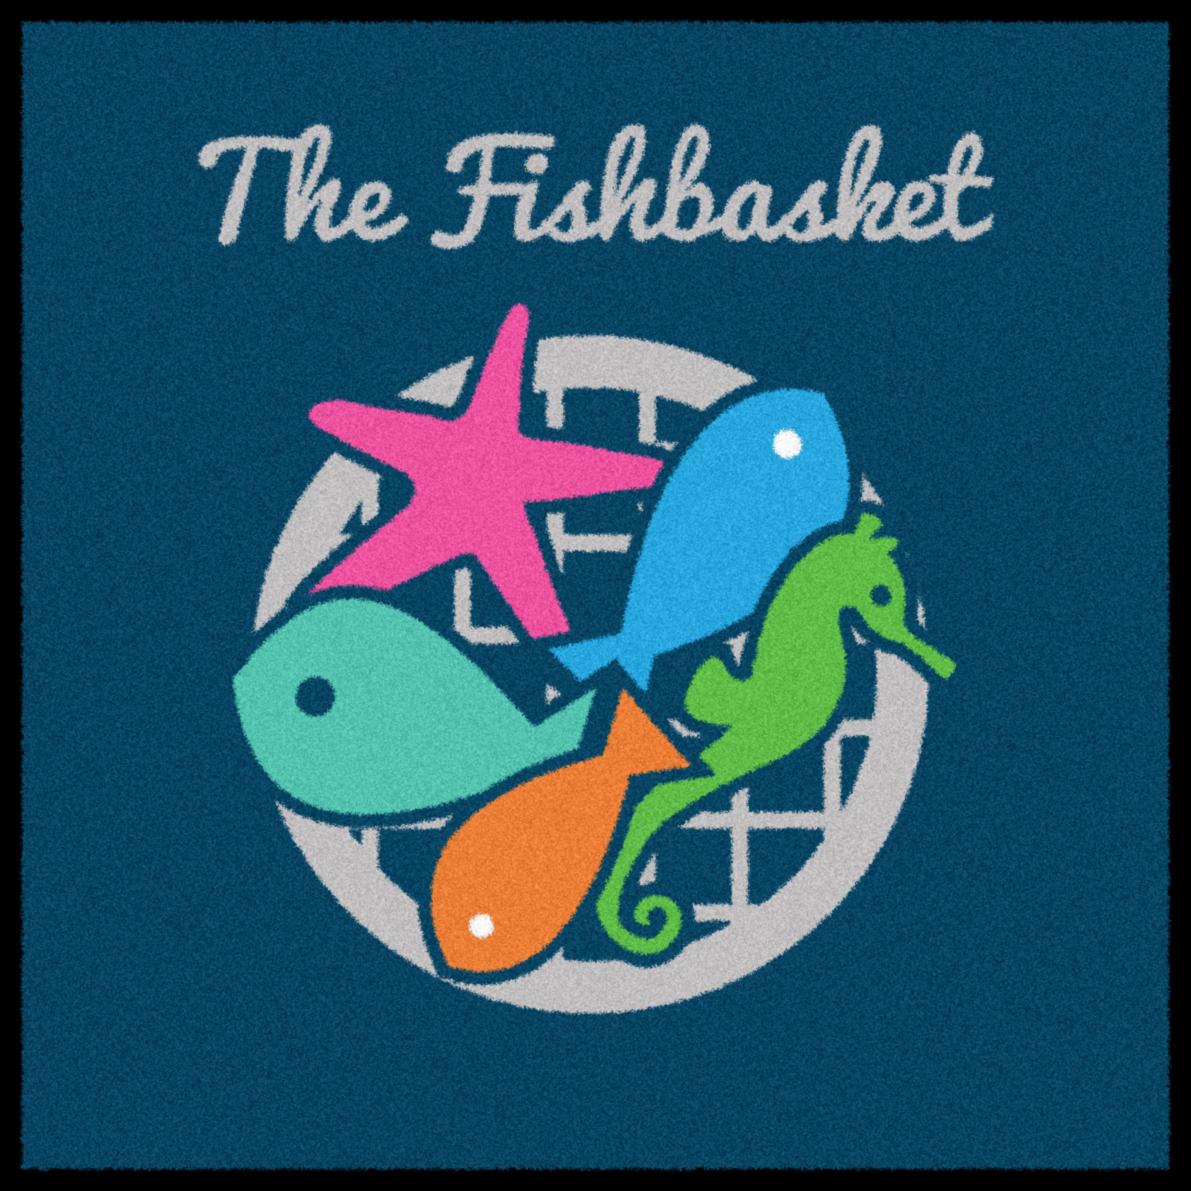 The Fishbasket restaurant logo mat.